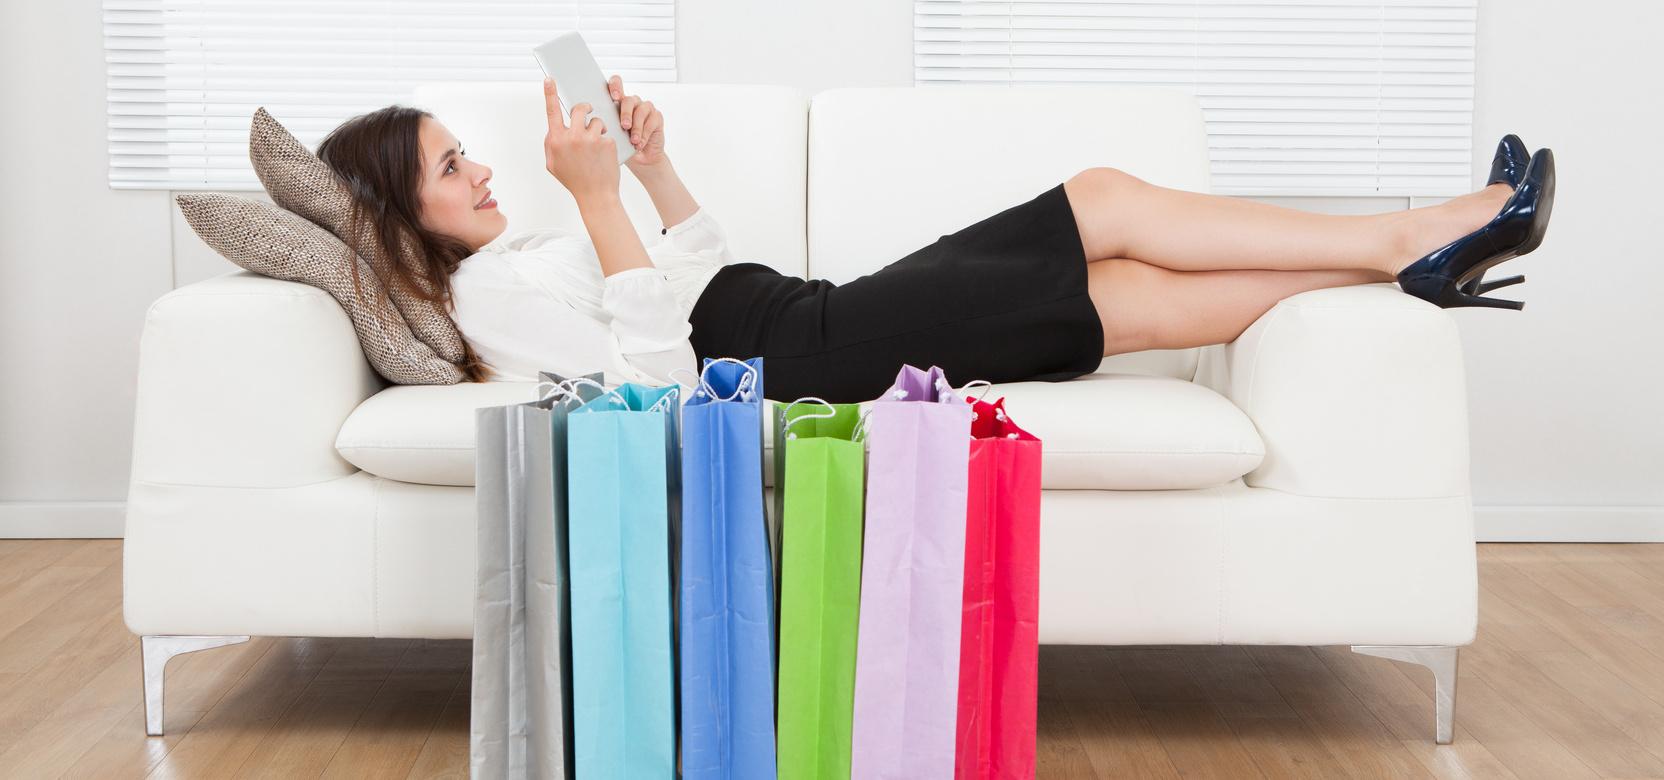 Po pierwsze zaangażowanie - nowy wymiar efektywności marketingowej Musisz wiedzieć Mediarun Com Esklep